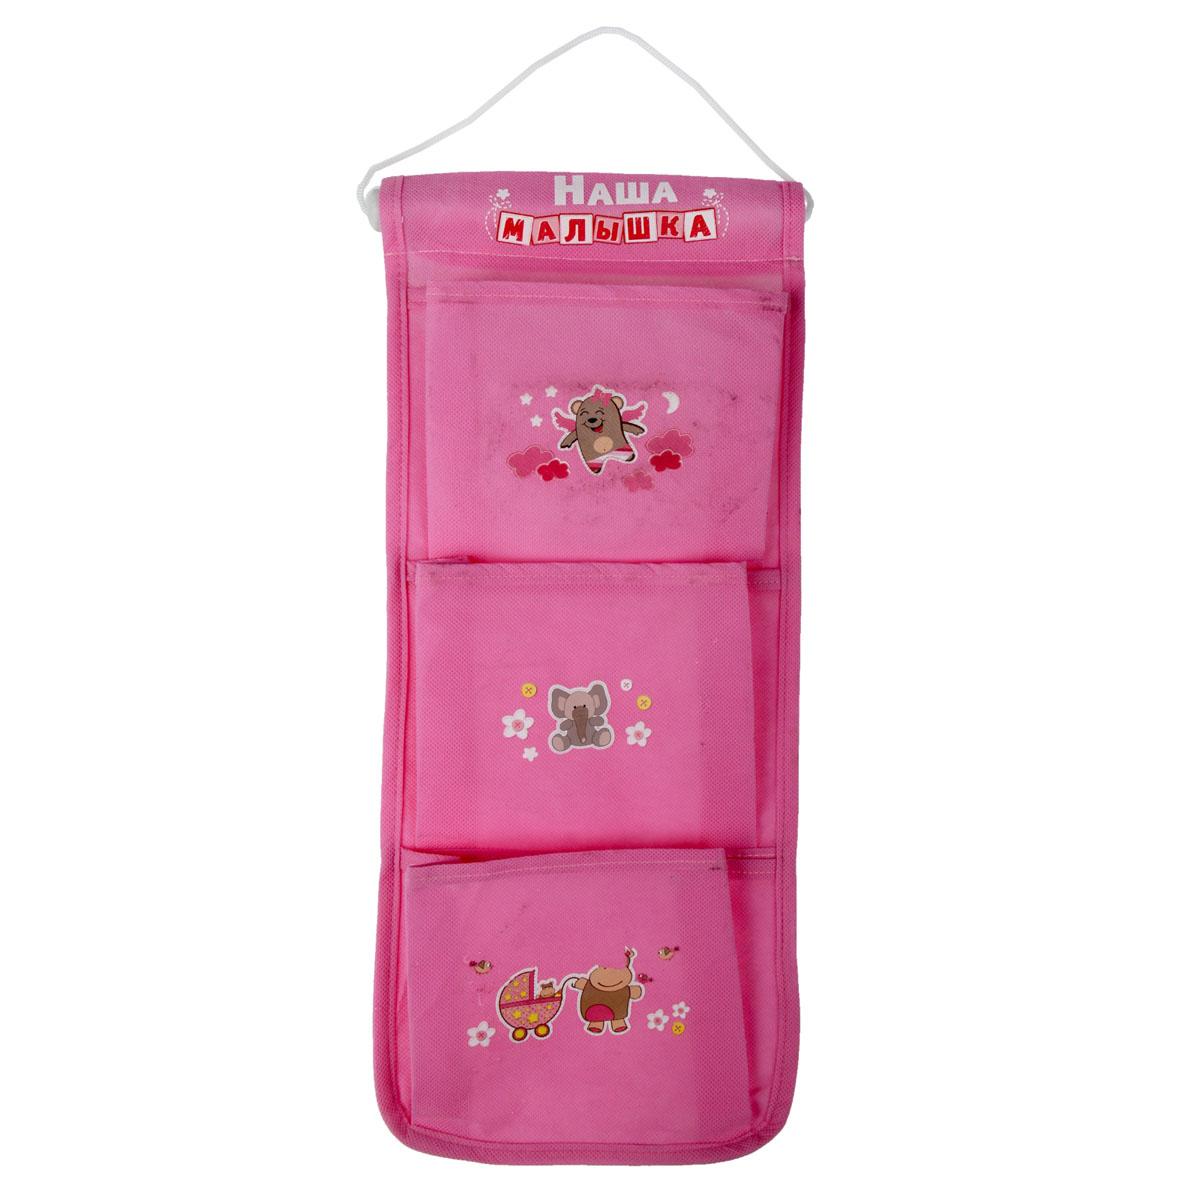 Кармашки на стену Sima-land Наша малышка, цвет: розовый, белый, красный, 3 шт838298Кармашки на стену Sima-land «Наша малышка», изготовленные из текстиля и пластика, предназначены для хранения необходимых вещей, множества мелочей в гардеробной, ванной, детской комнатах. Изделие представляет собой текстильное полотно с тремя пришитыми кармашками. Благодаря пластмассовой планке и шнурку, кармашки можно подвесить на стену или дверь в необходимом для вас месте. Кармашки декорированы изображениями забавных зверюшек и надписью «Наша малышка». Этот нужный предмет может стать одновременно и декоративным элементом комнаты. Яркий дизайн, как ничто иное, способен оживить интерьер вашего дома.